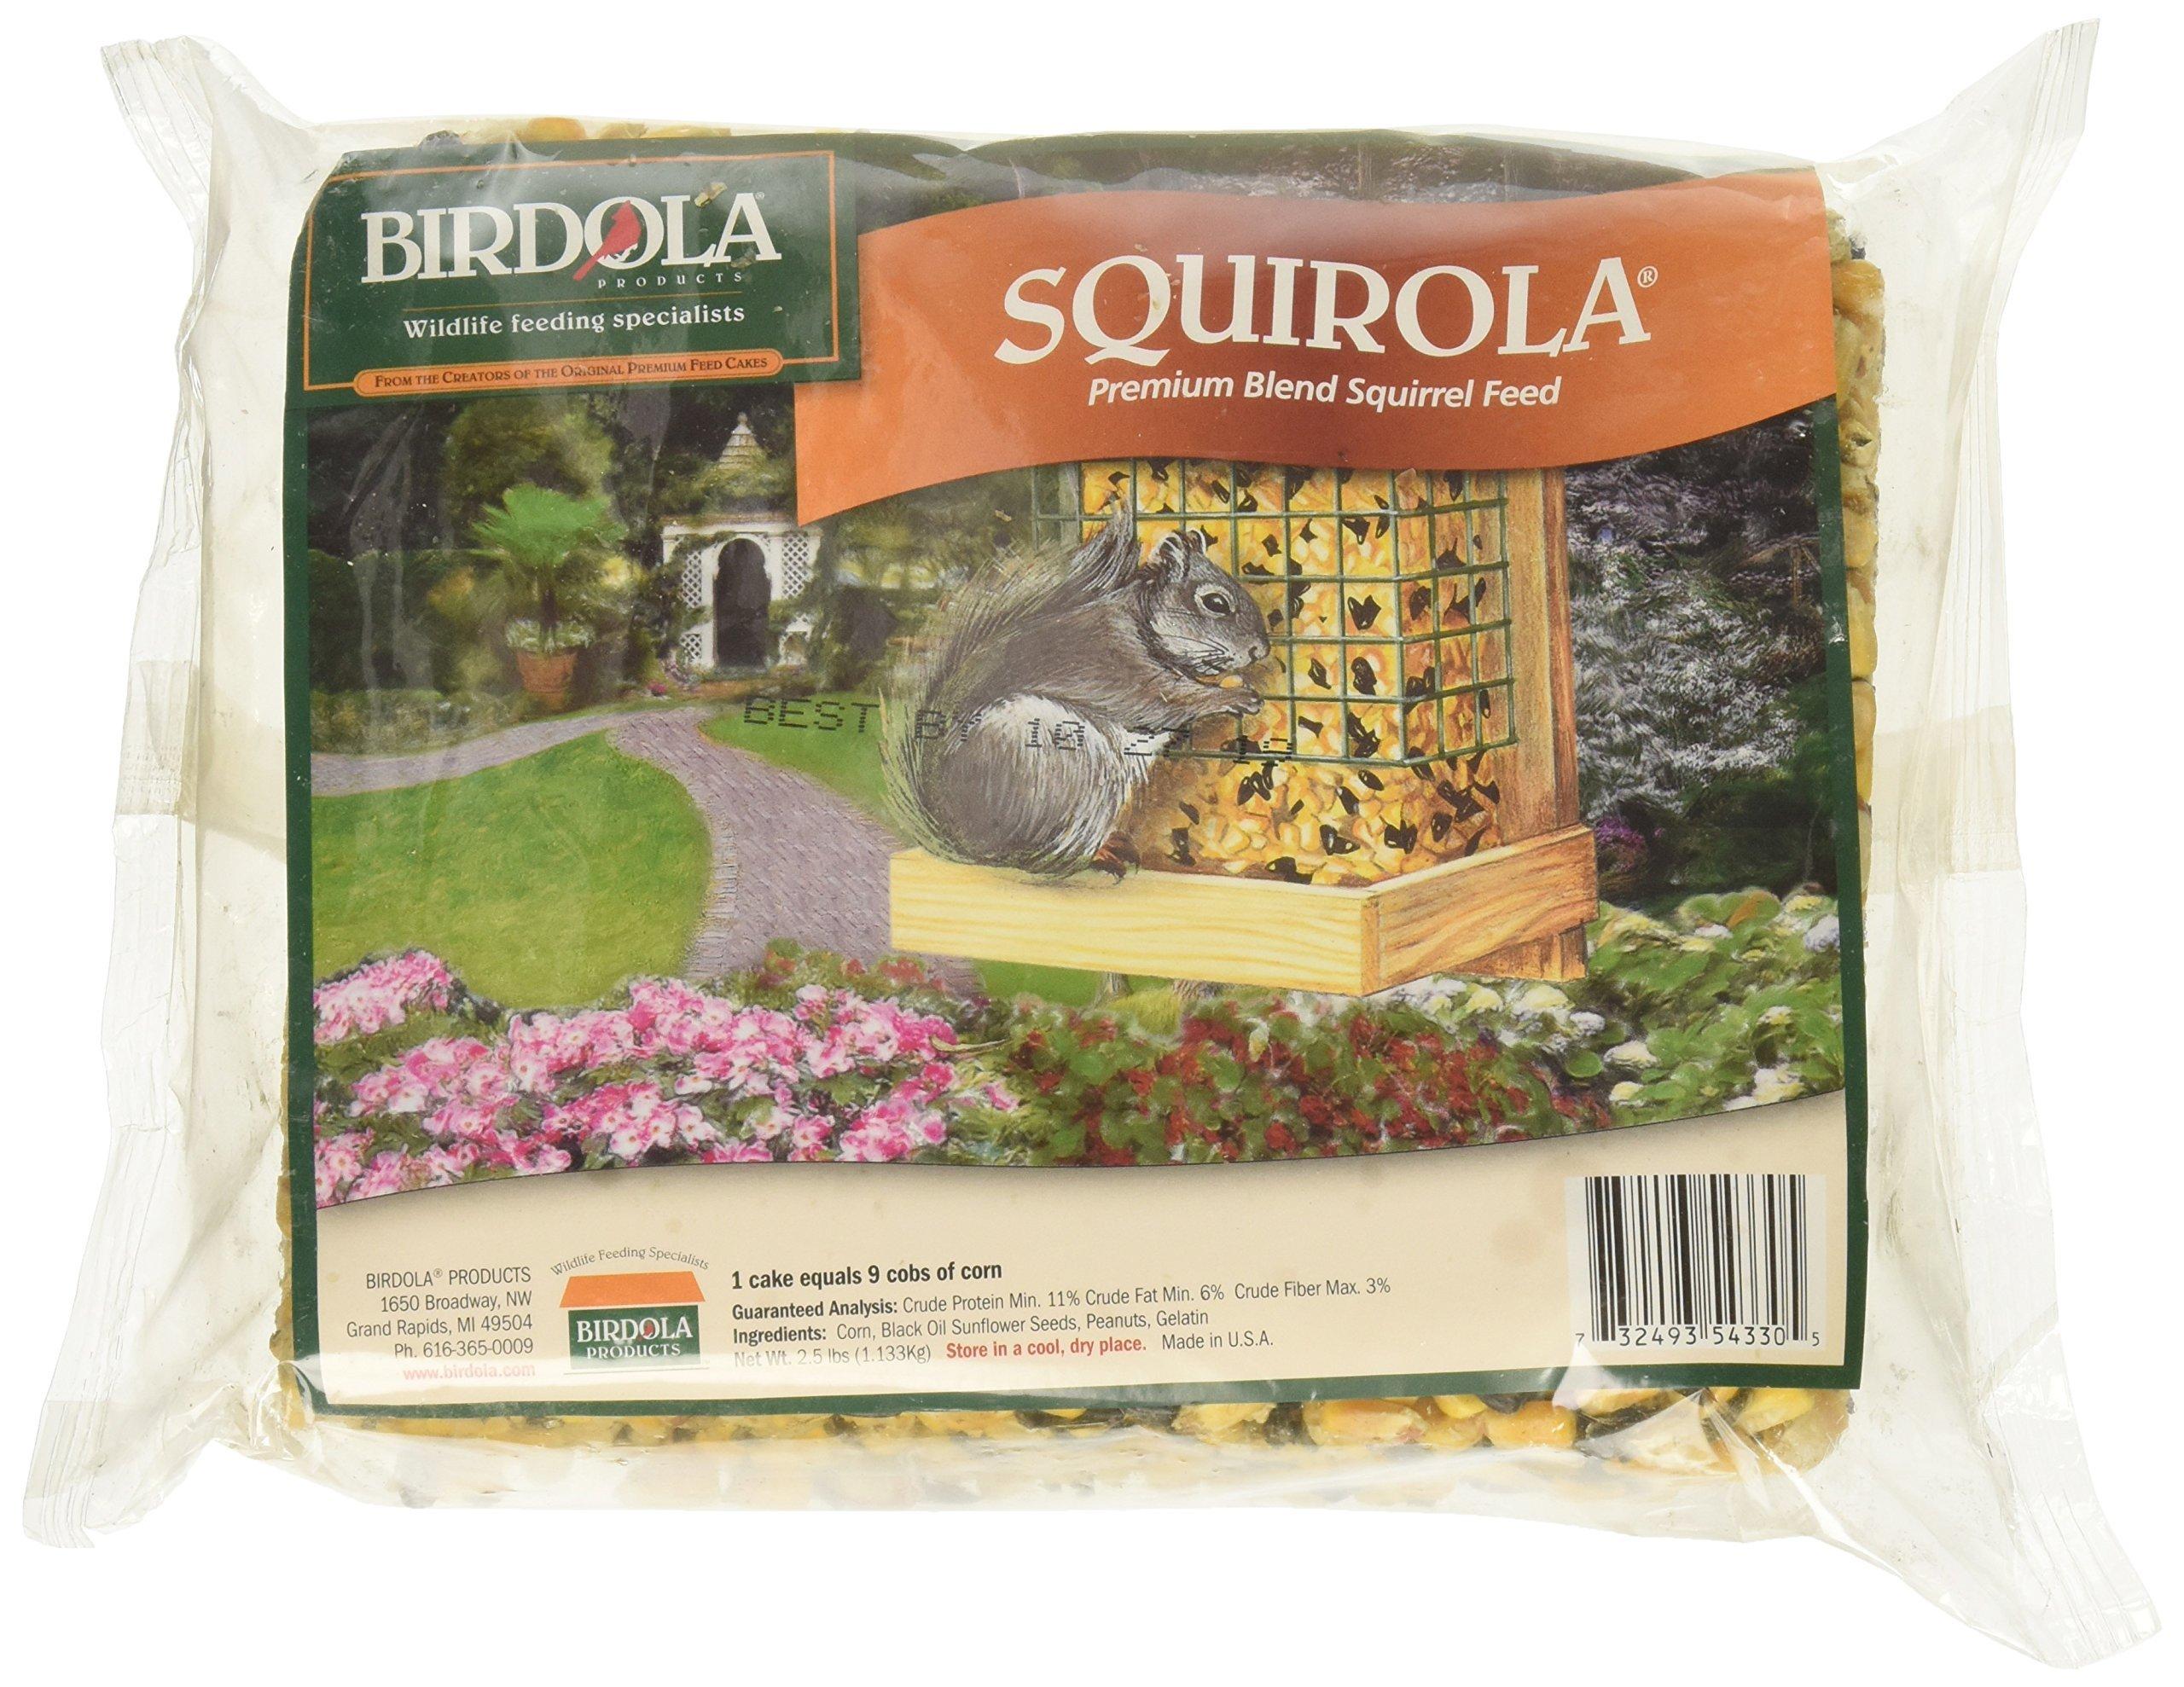 Birdola Squirola Premium Blend Squirrel Feed, 2.5-lb